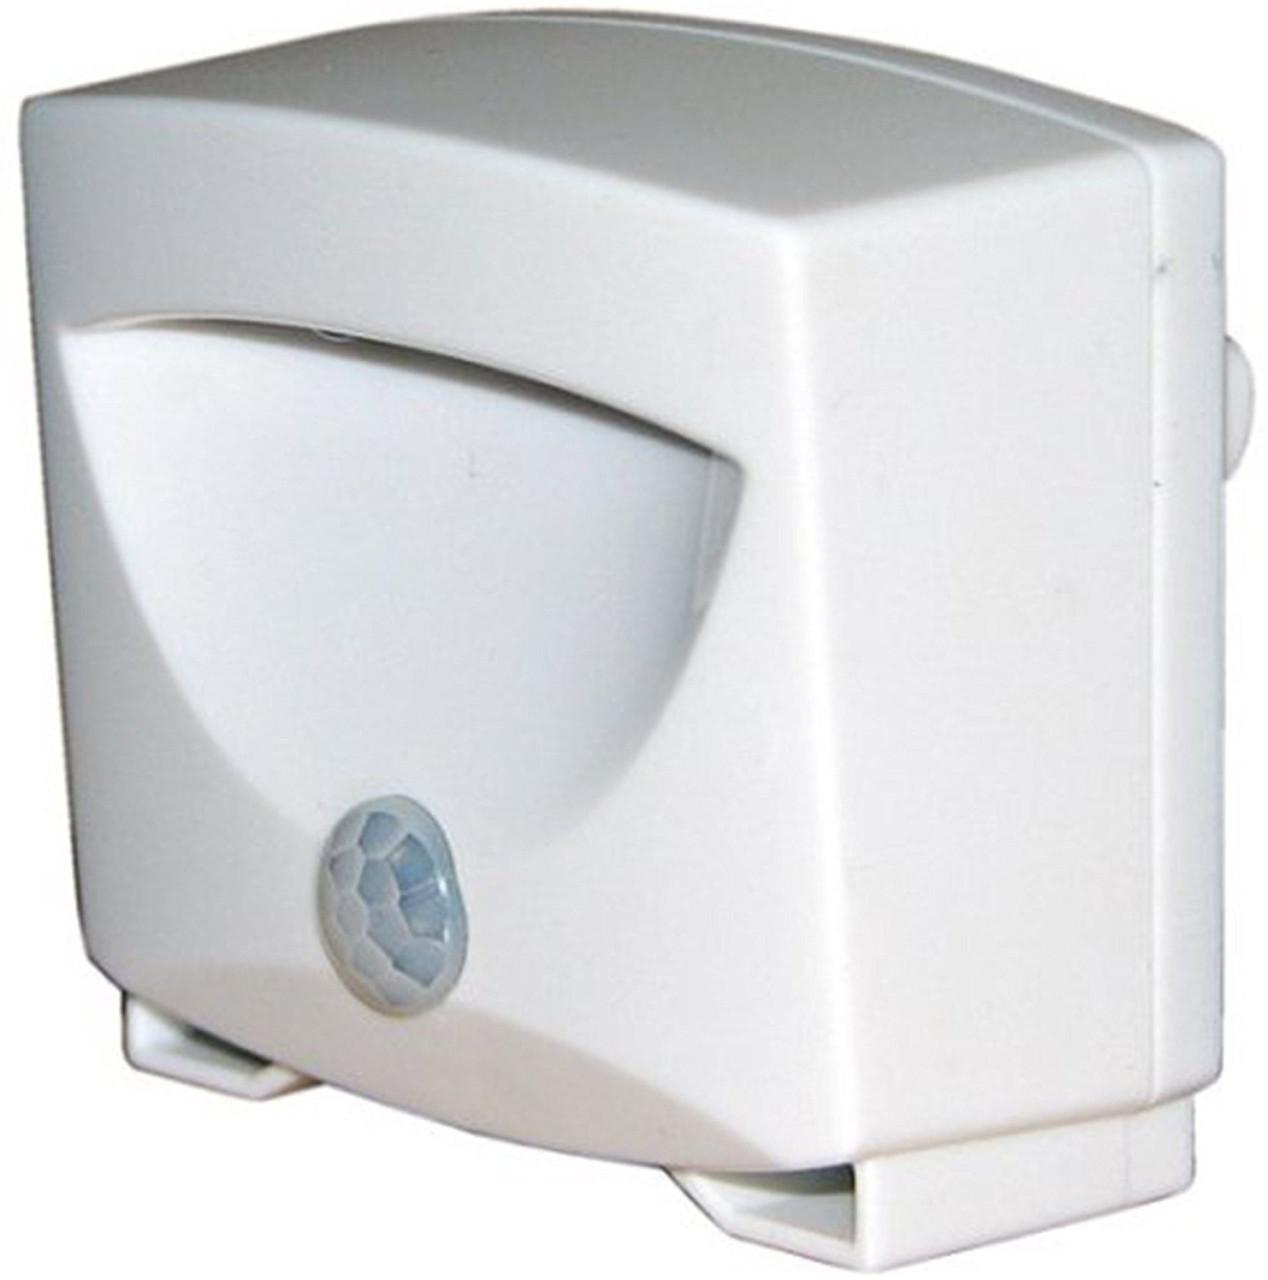 Автоматический светильник Mighty Light!Хит цена